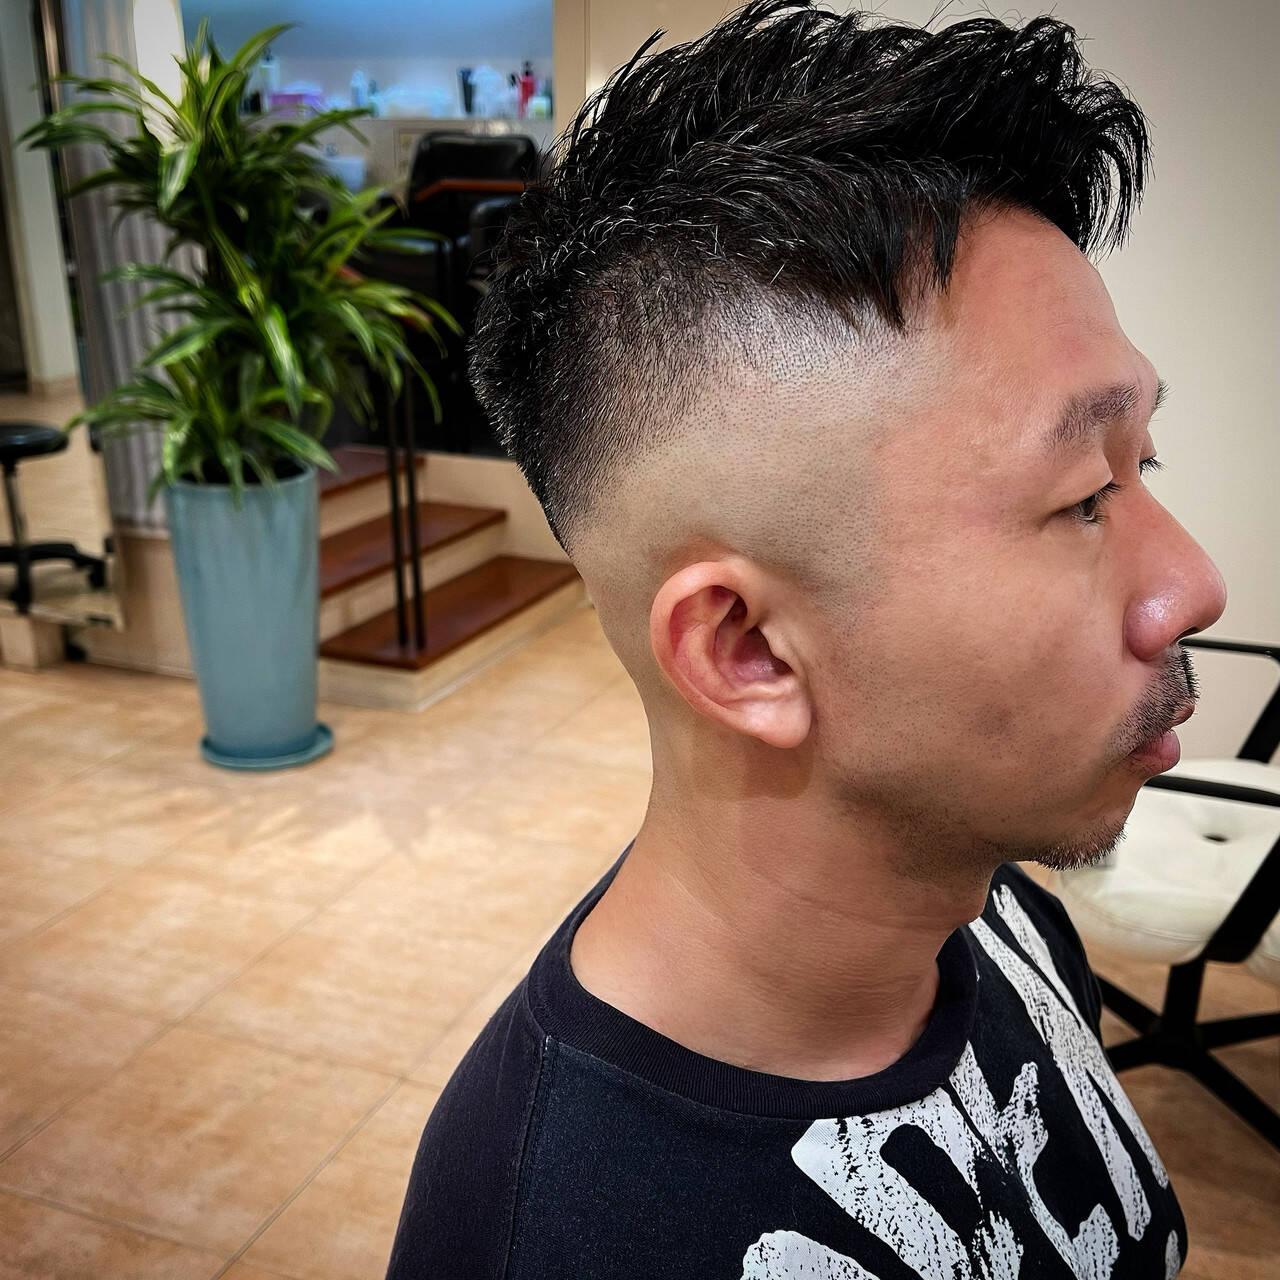 ツーブロック メンズ 刈り上げ スキンフェードヘアスタイルや髪型の写真・画像